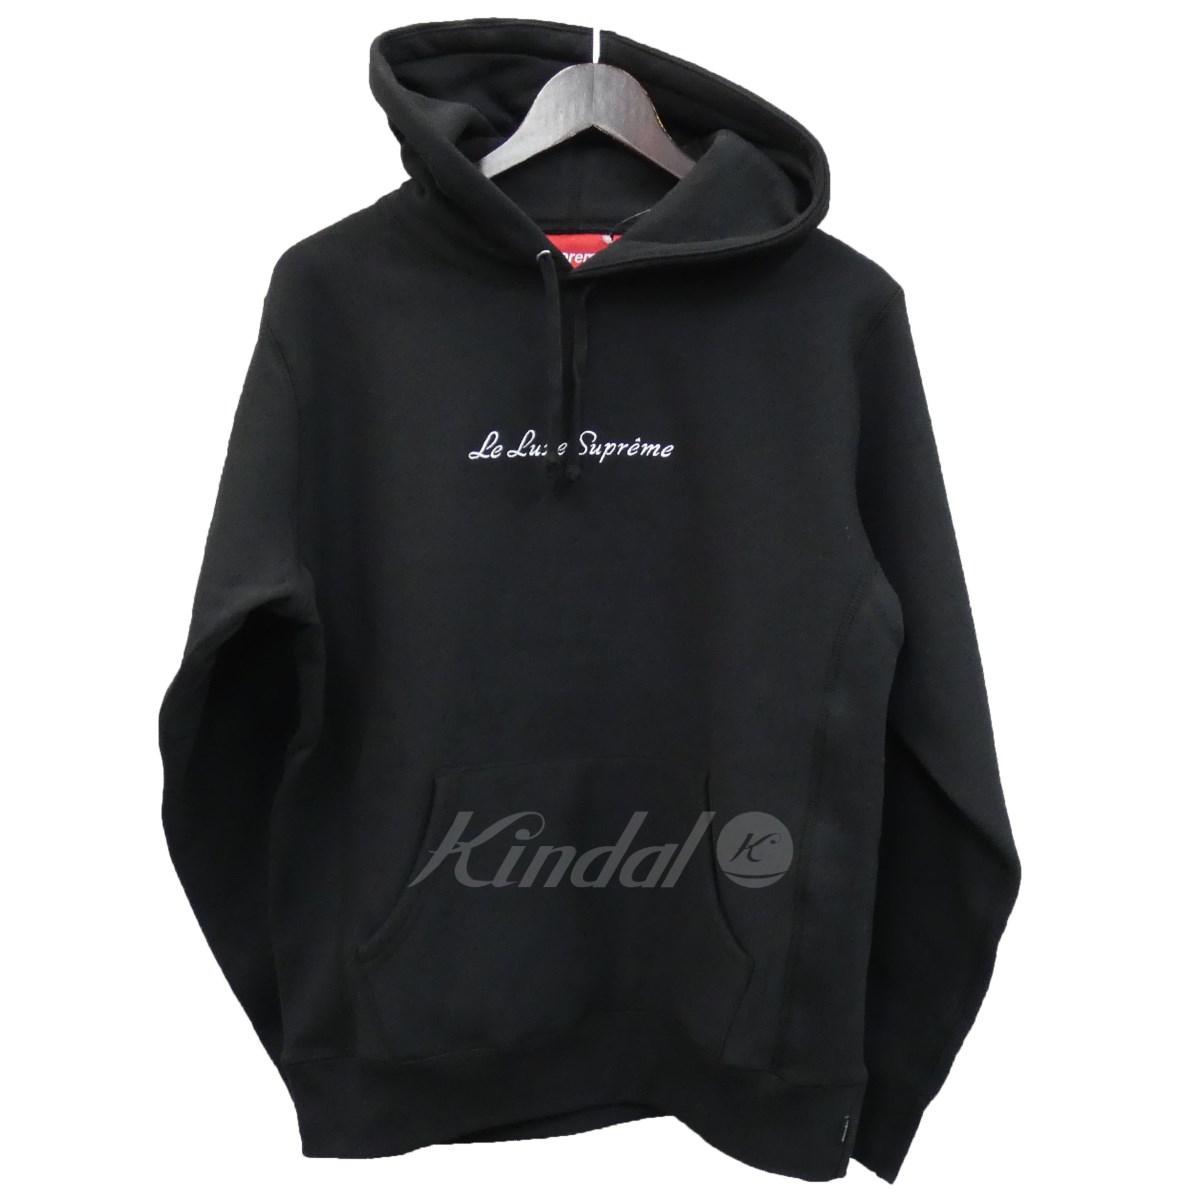 【中古】SUPREME 19SS「Le Luxe Hooded Sweatshirt」プルオーバーパーカー ブラック サイズ:S 【310519】(シュプリーム)